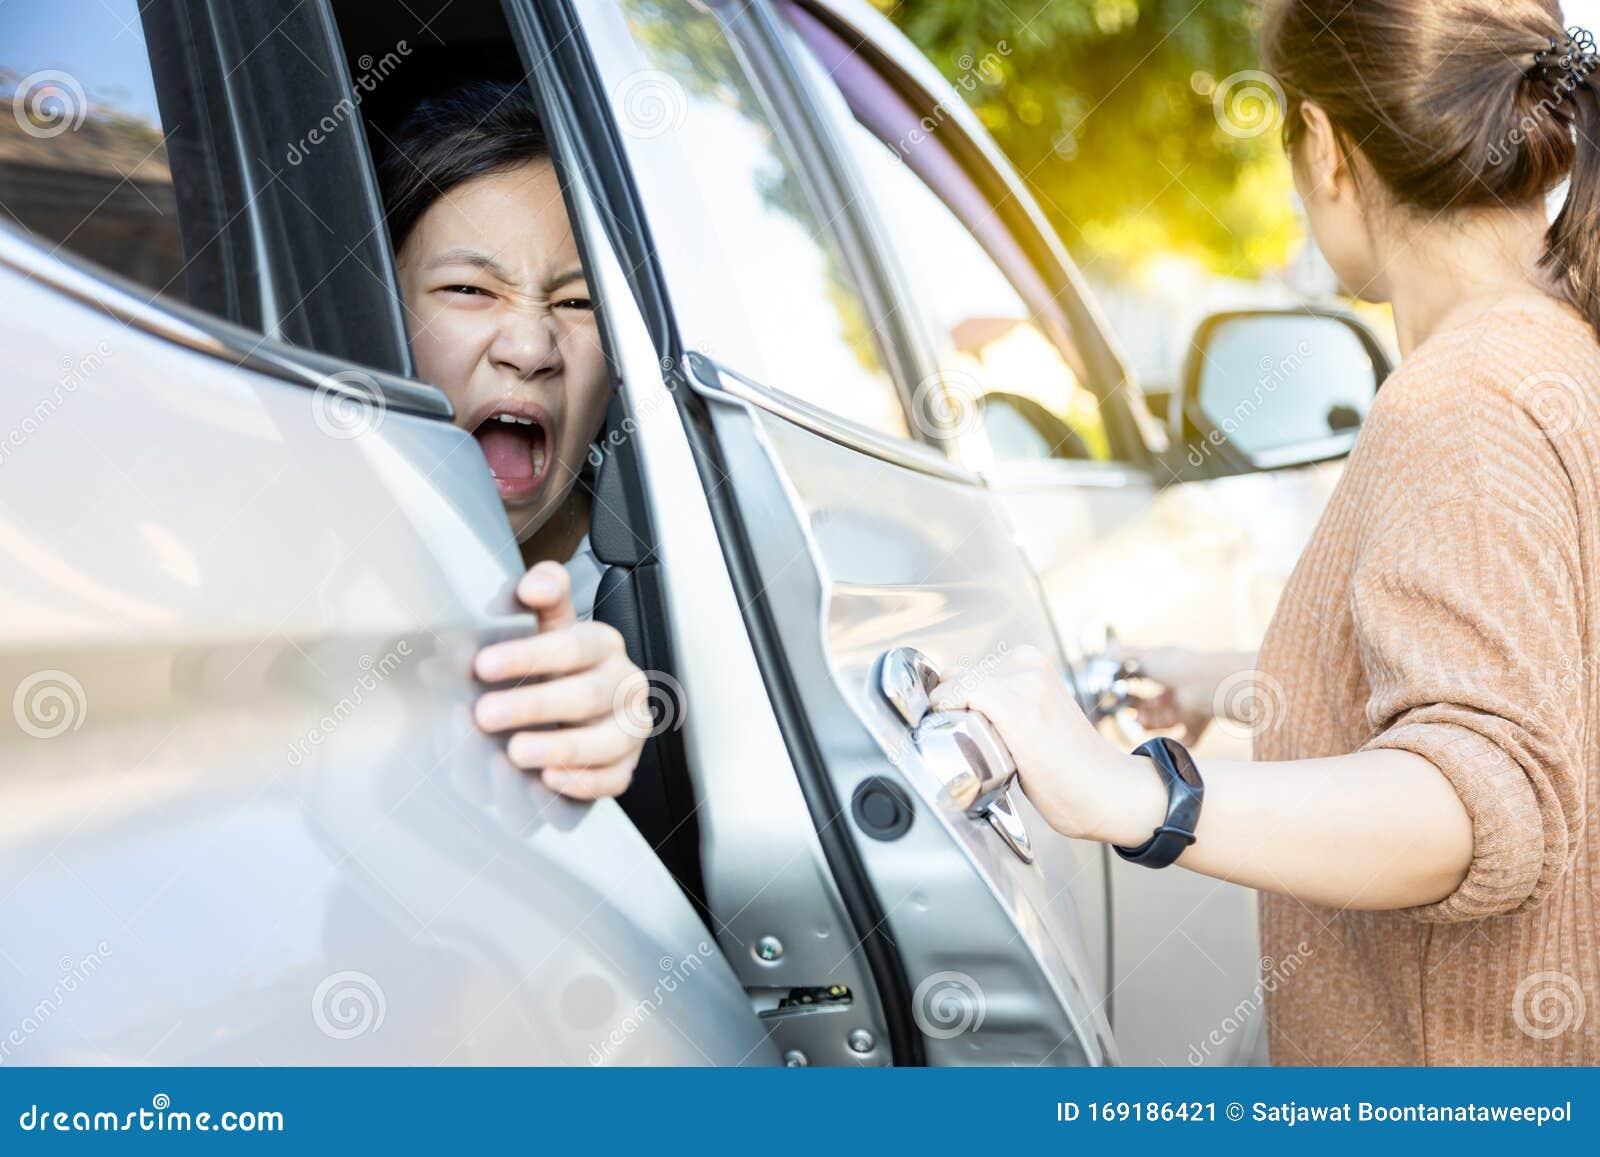 Mädchen Getting Fingered Die Auto